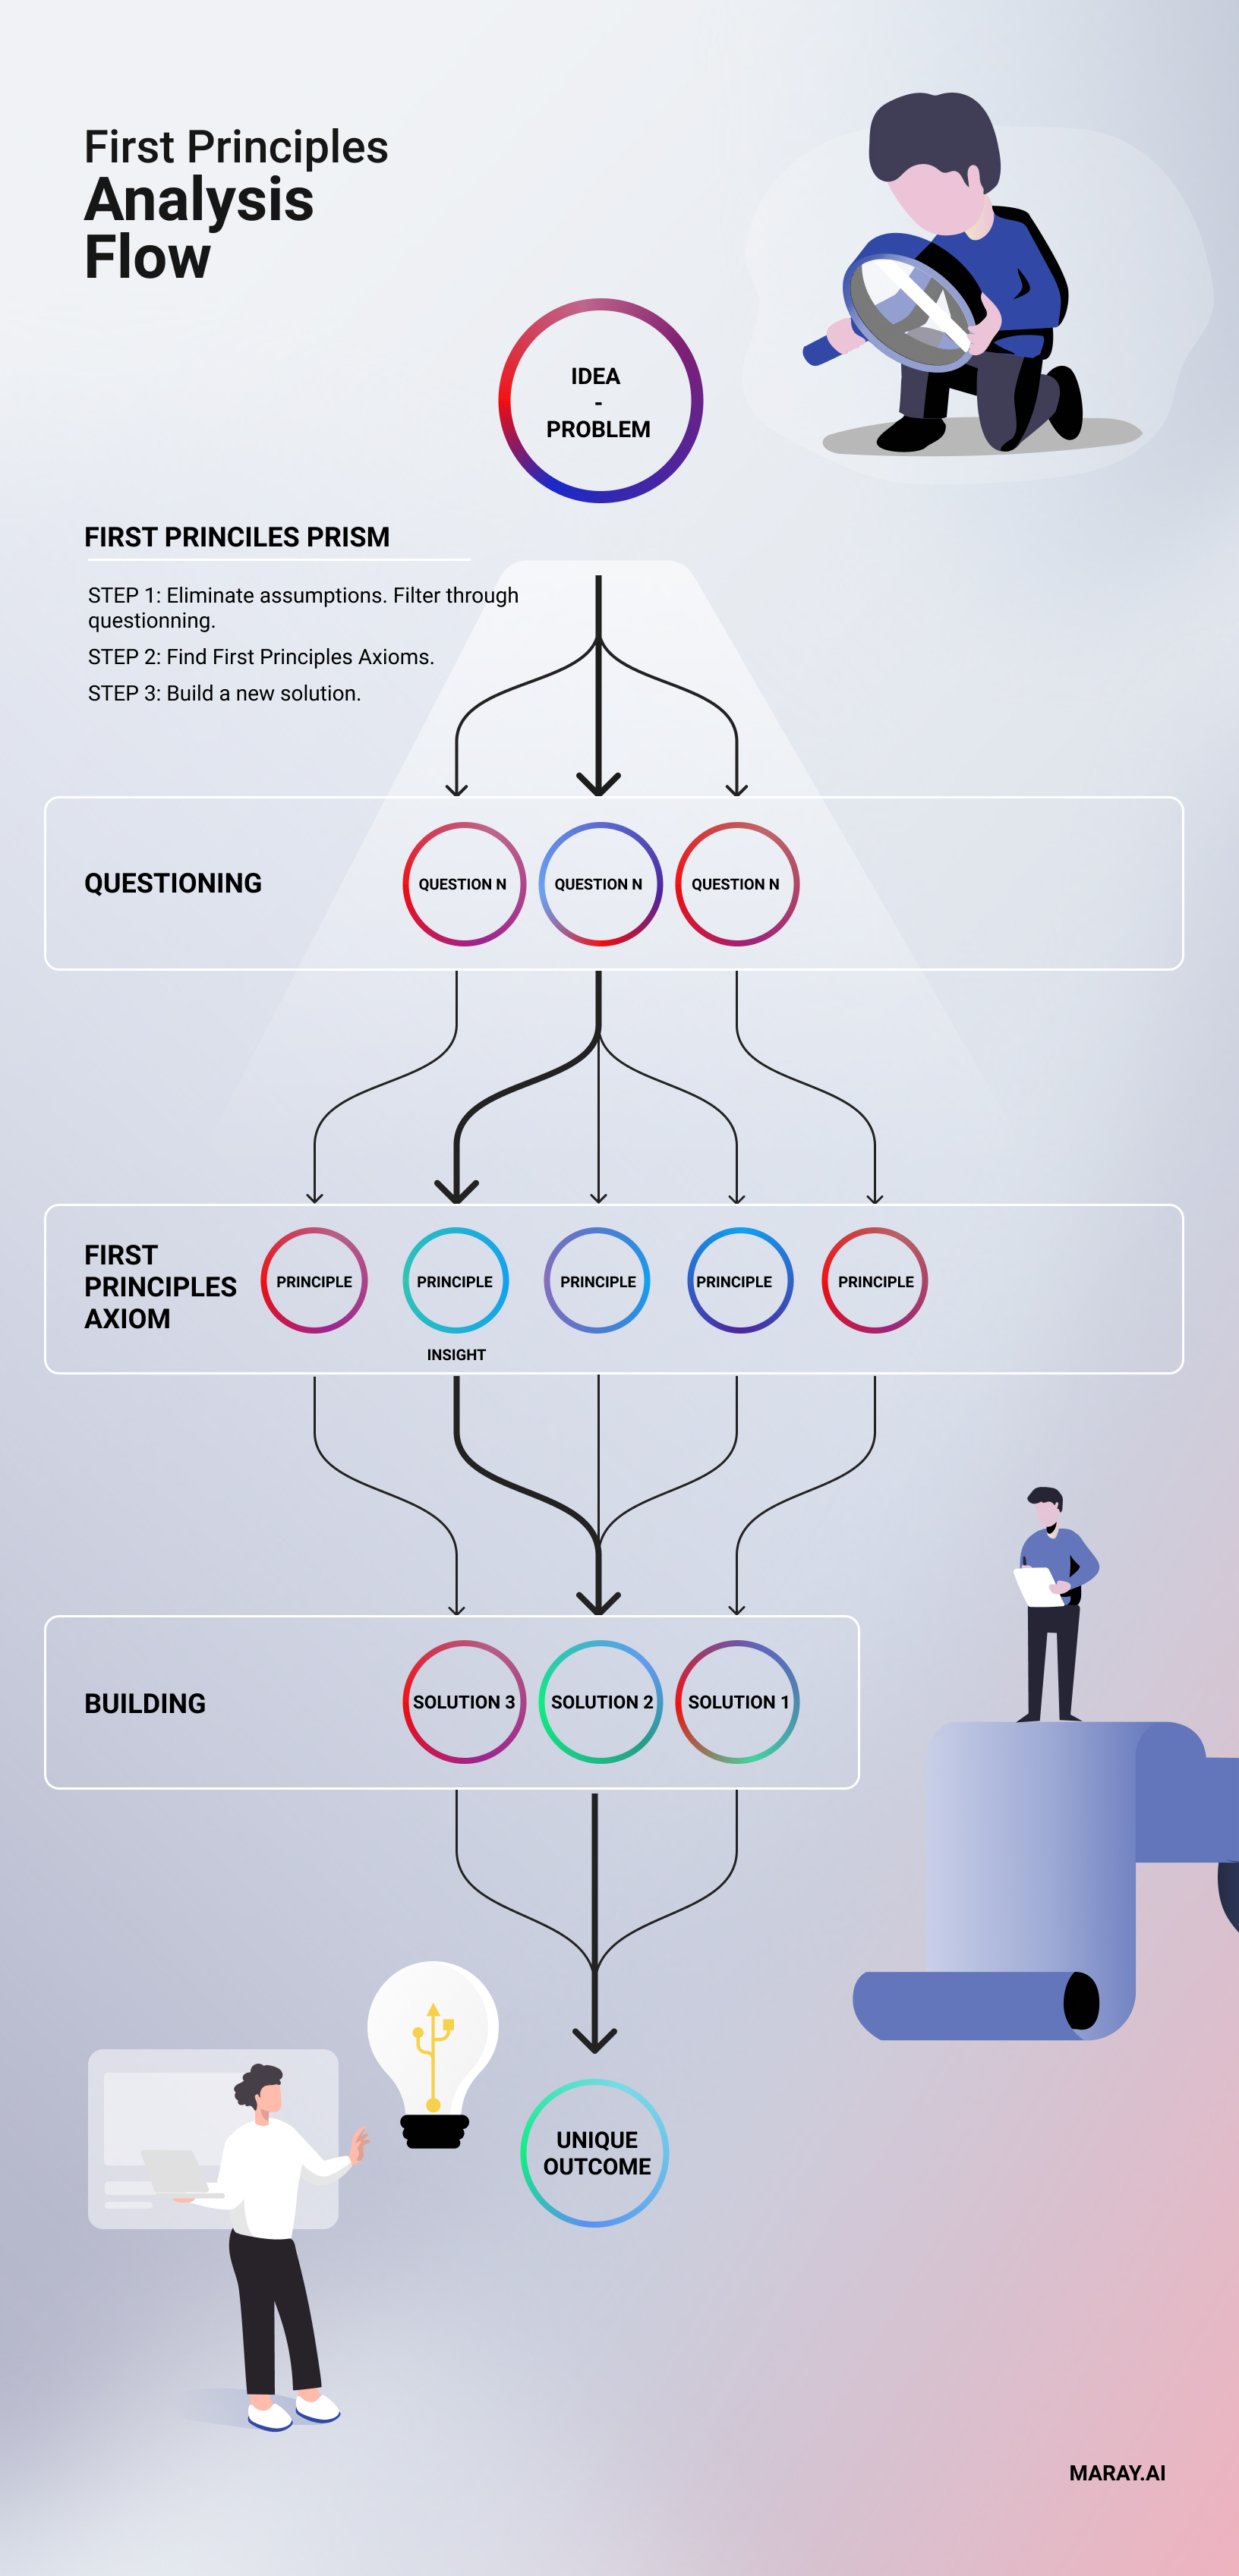 First principle framework analysis flow